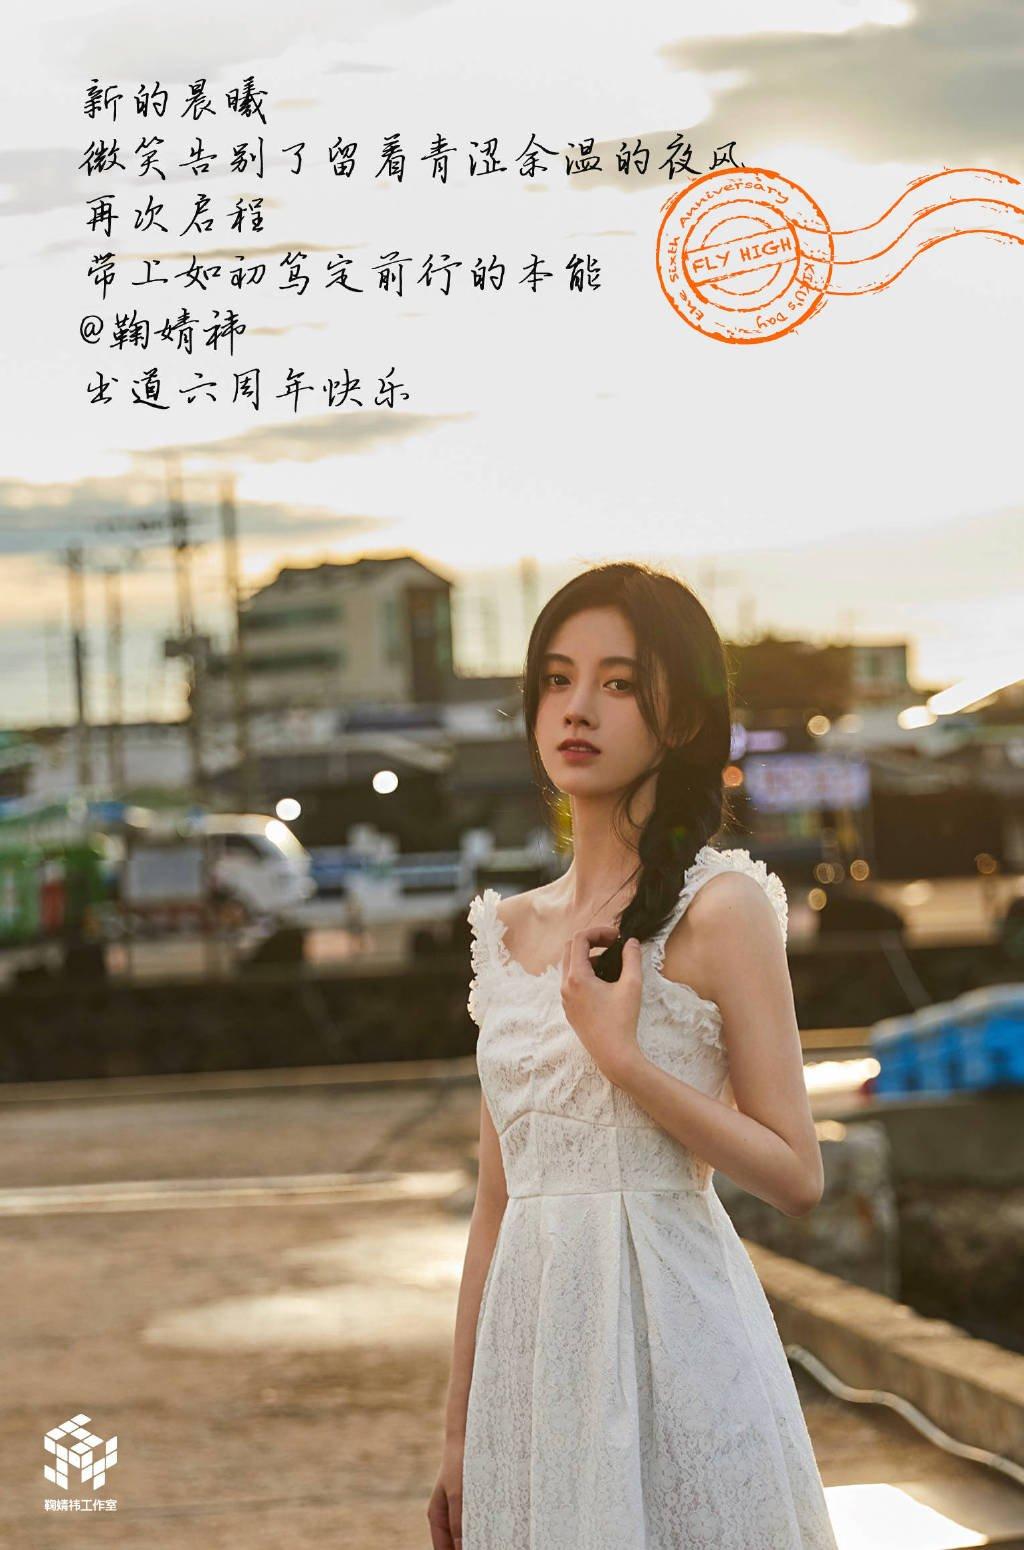 鞠婧祎EP《恋爱告急》图片